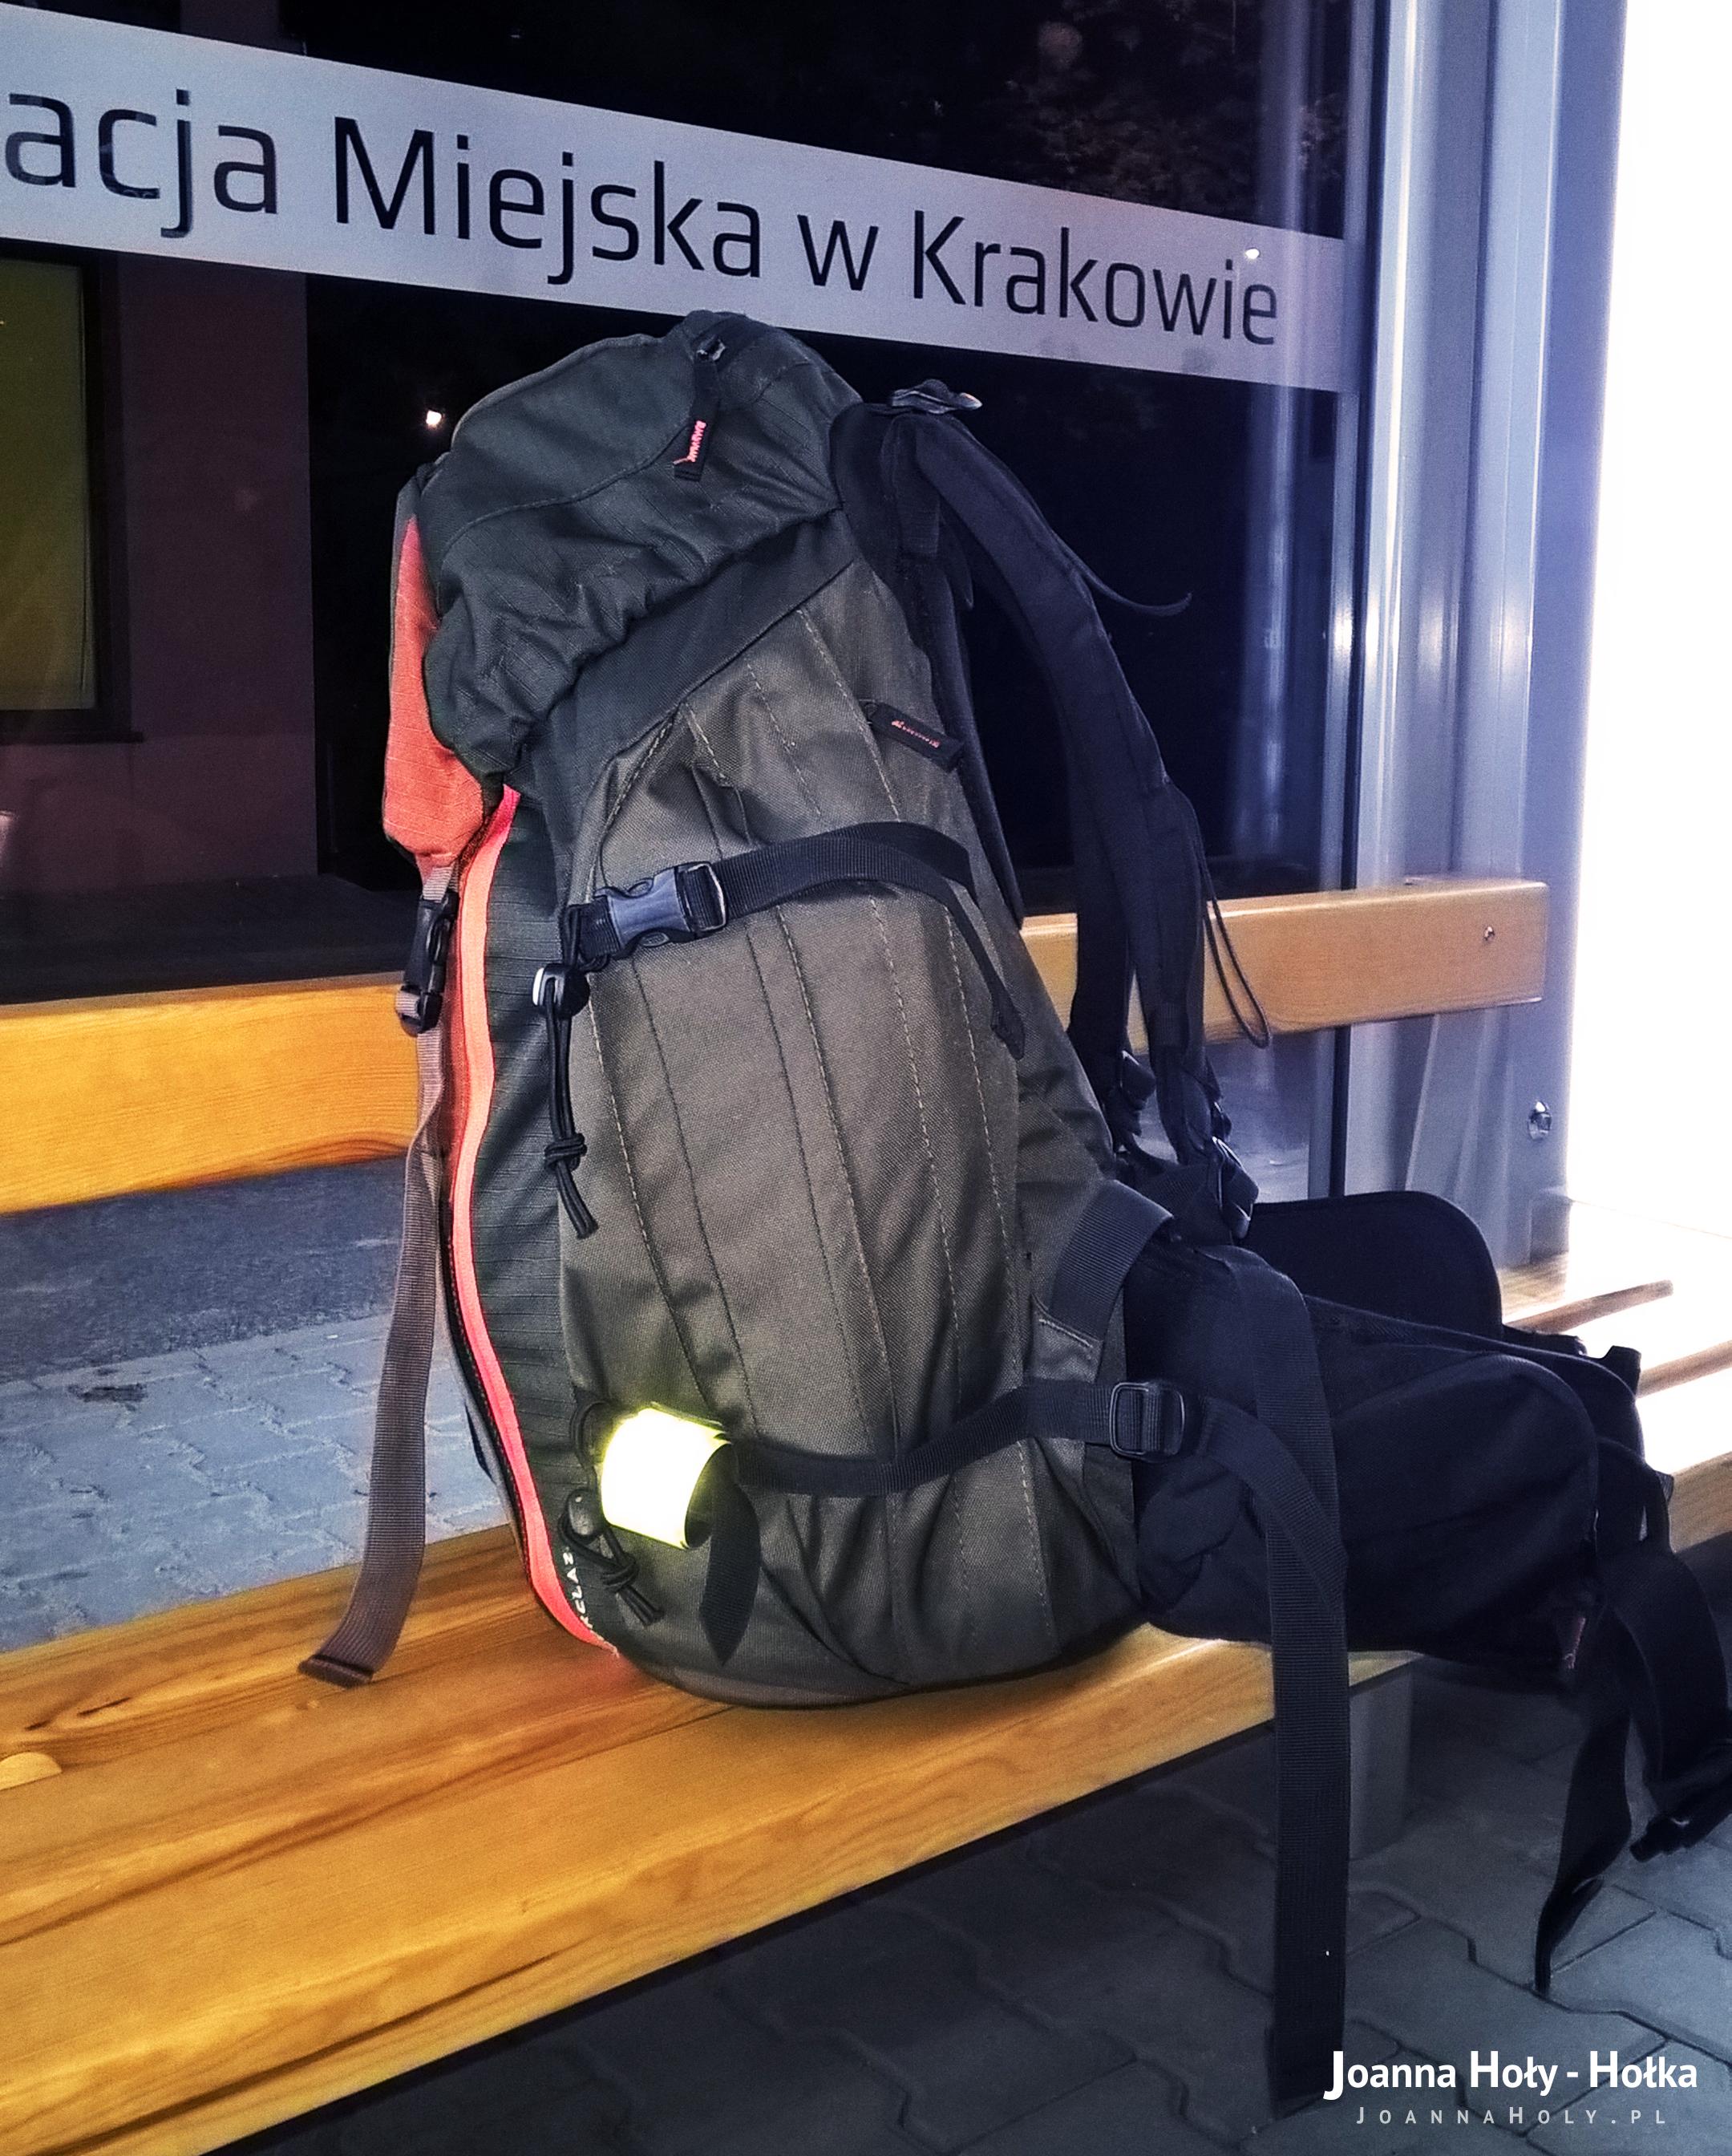 c35237b8e72d7 A przy okazji pamiętajcie, by na wyprawy takie, jak moja, zabierać właśnie  plecak lub plecaki, a nie torby czy walizki, bo te nie dość że są bardziej  ...